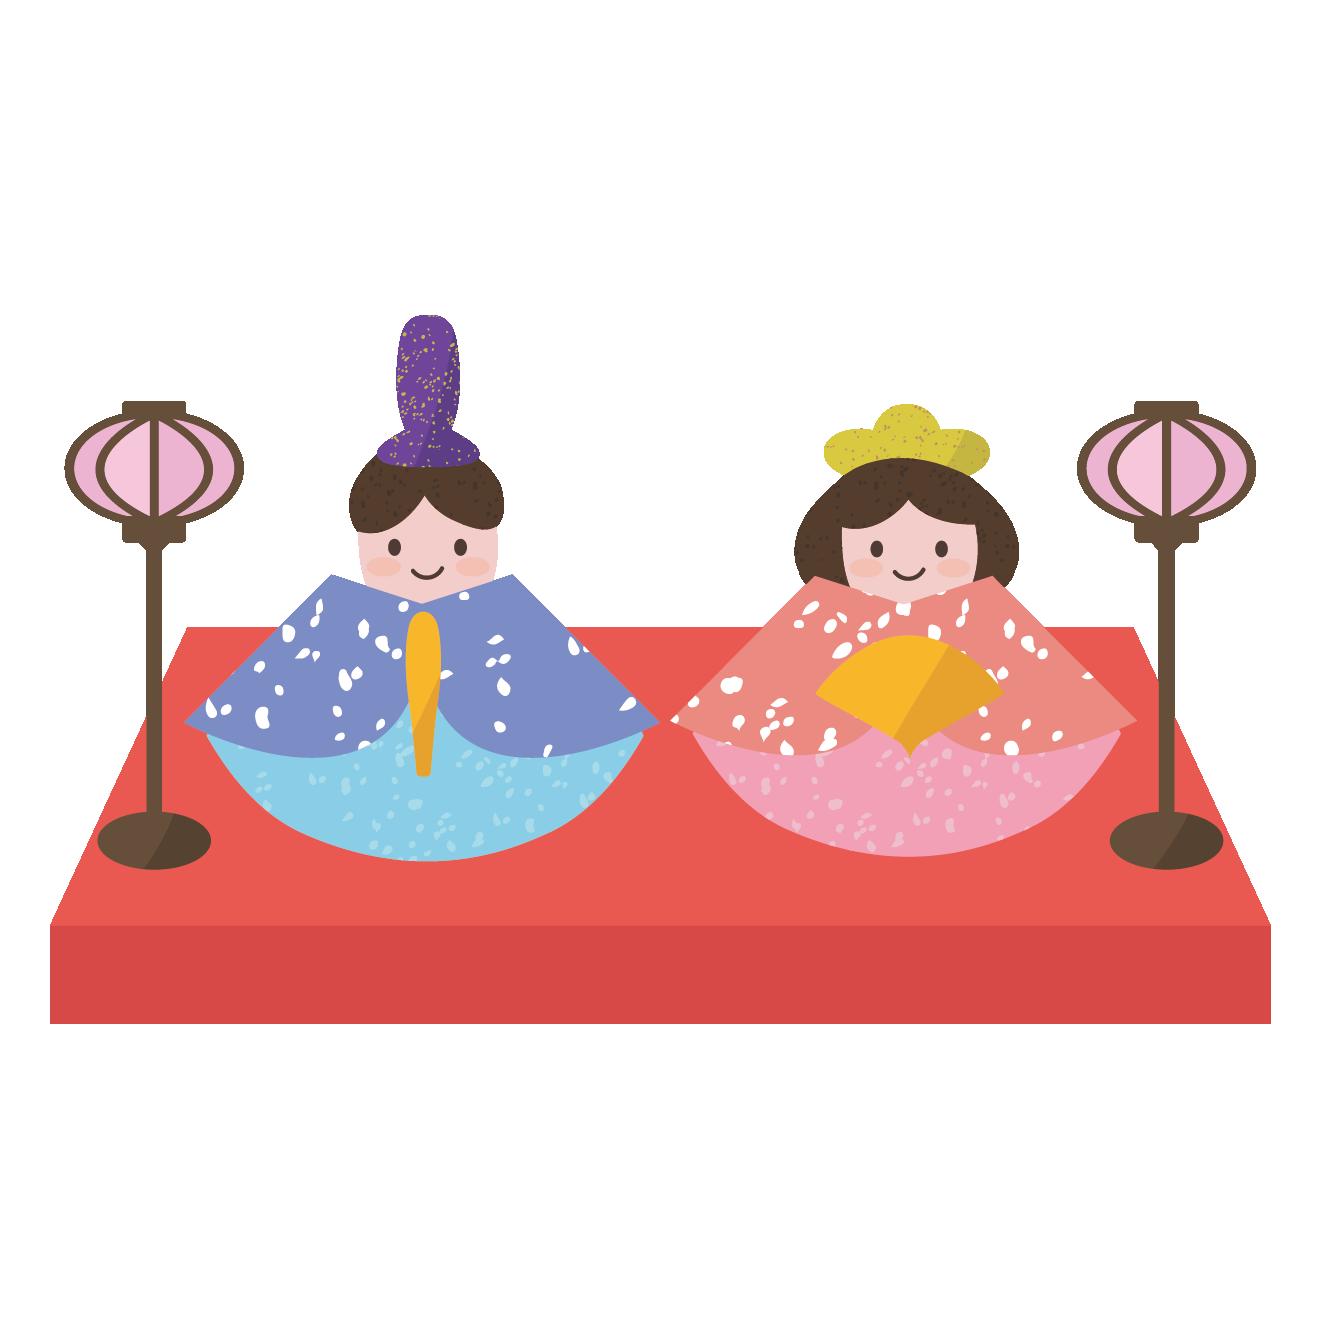 ひな祭り 無料 フリーイラスト かわいい 雛人形 商用フリー無料